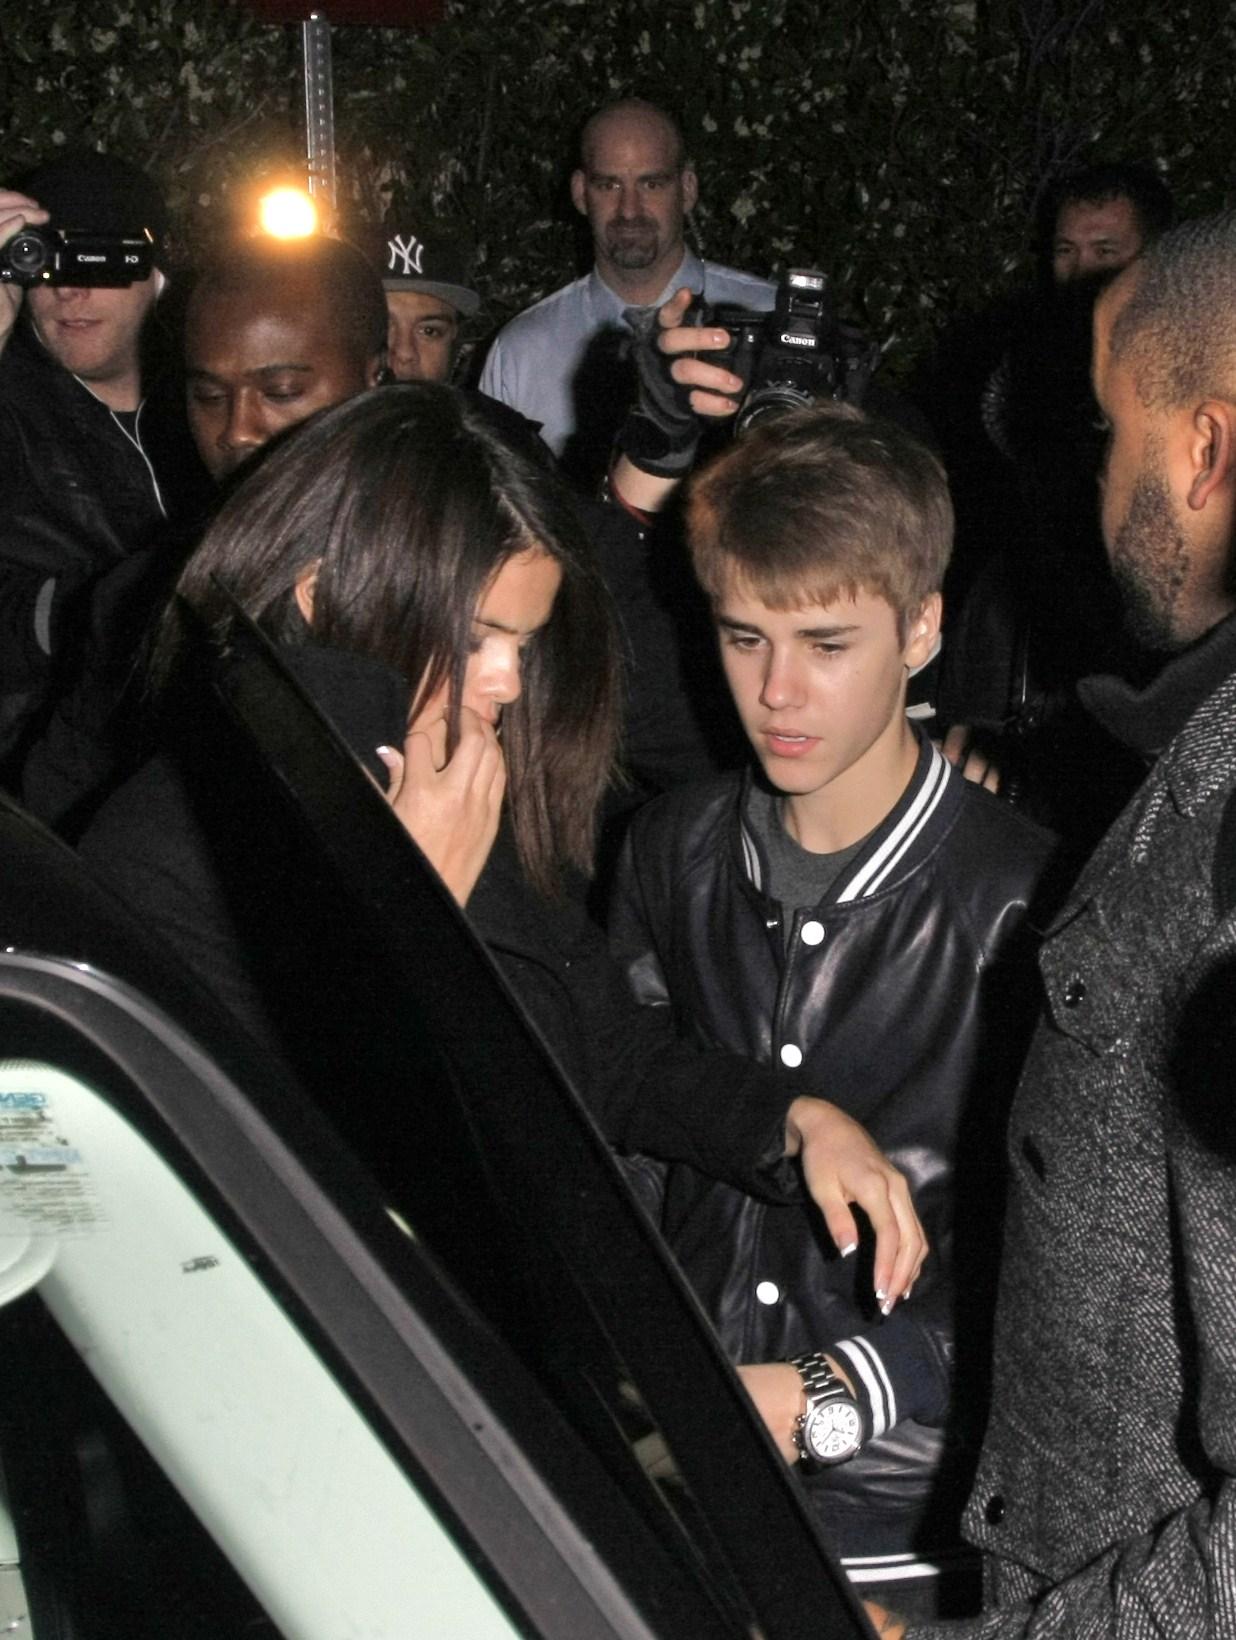 Justin Bieber & Selena Gomez's Birthday Date